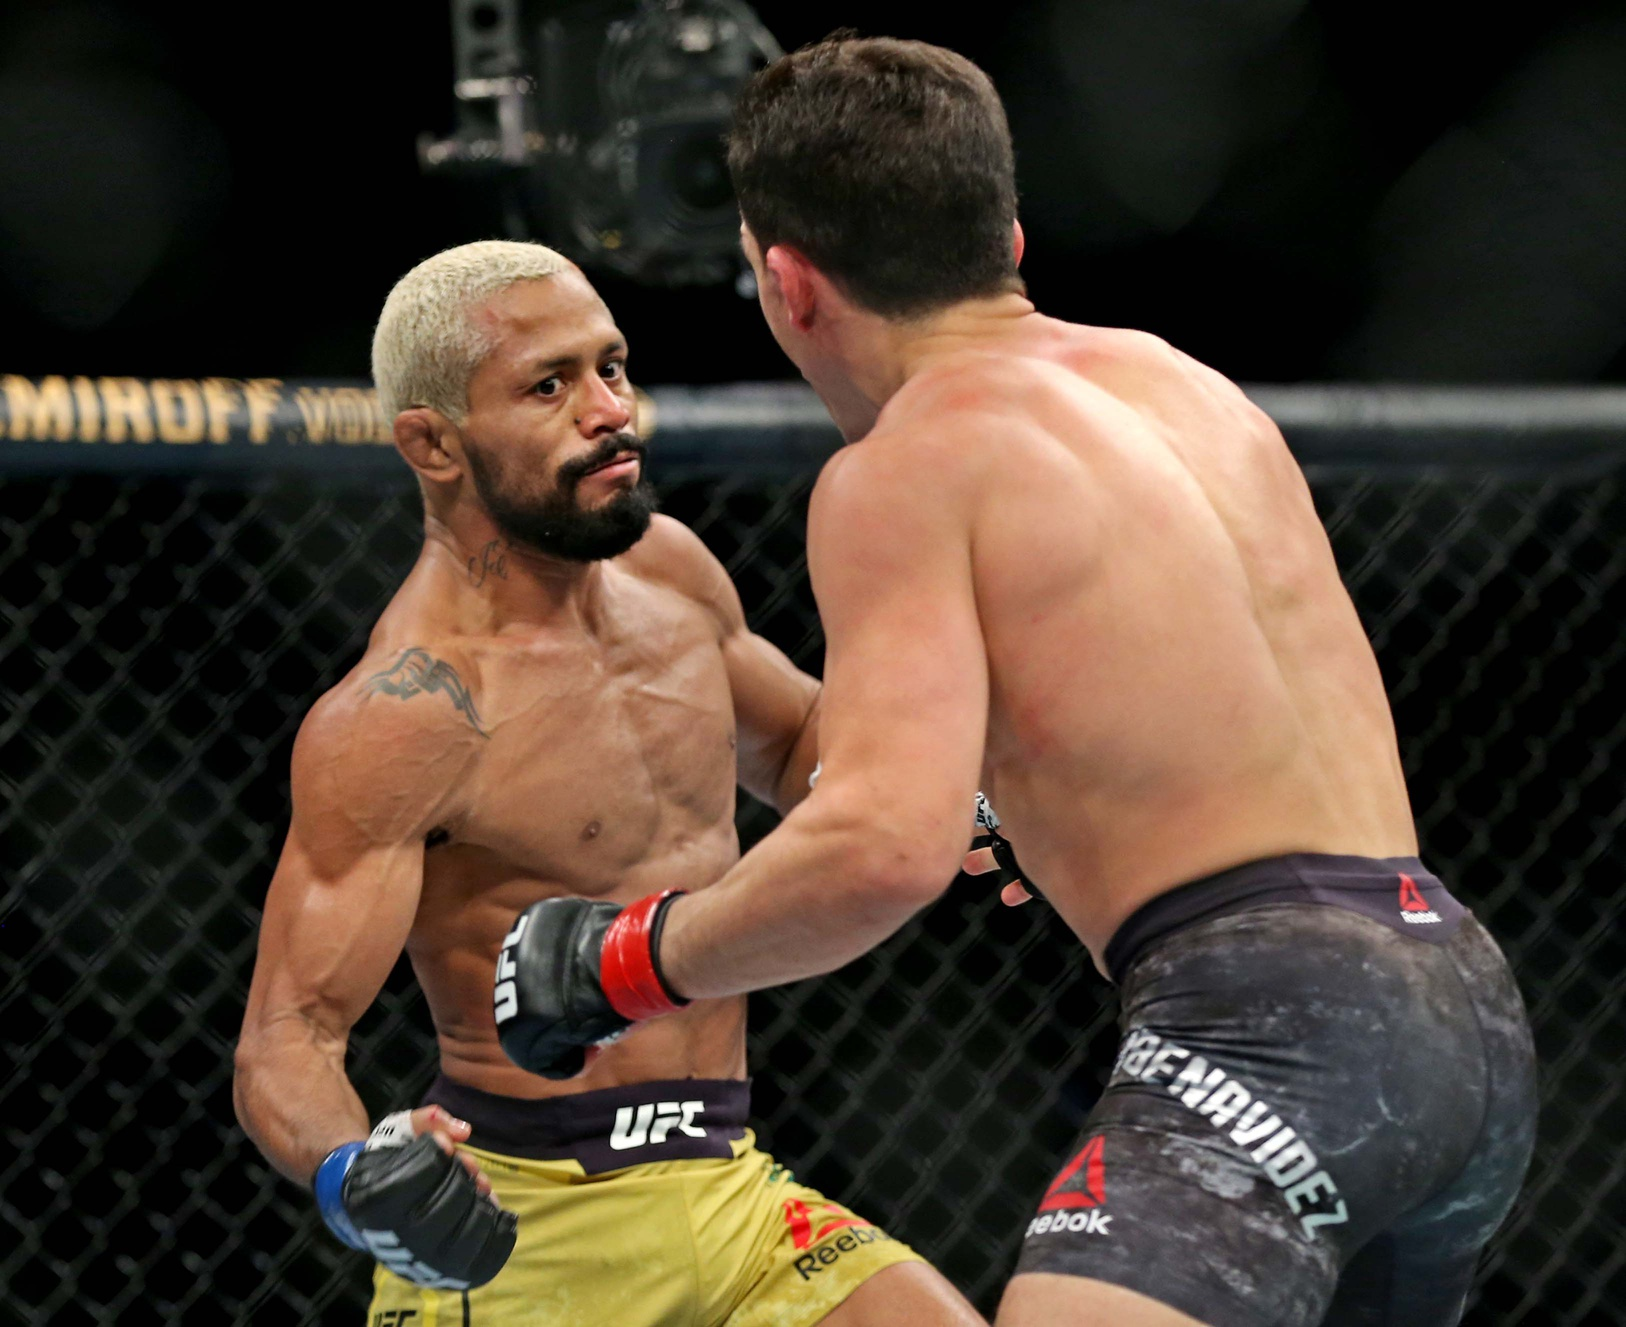 MMA Fight Announcement Tracker: Nov 23/20